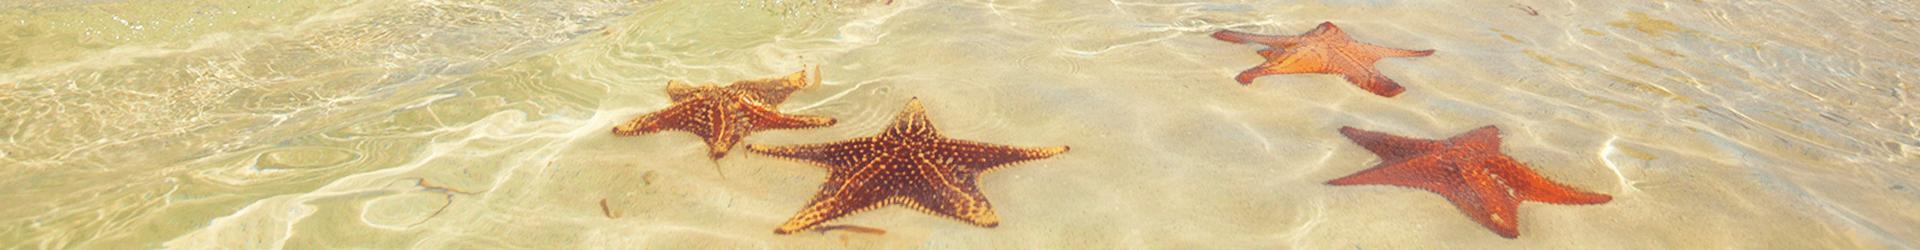 Slider-starfish-2